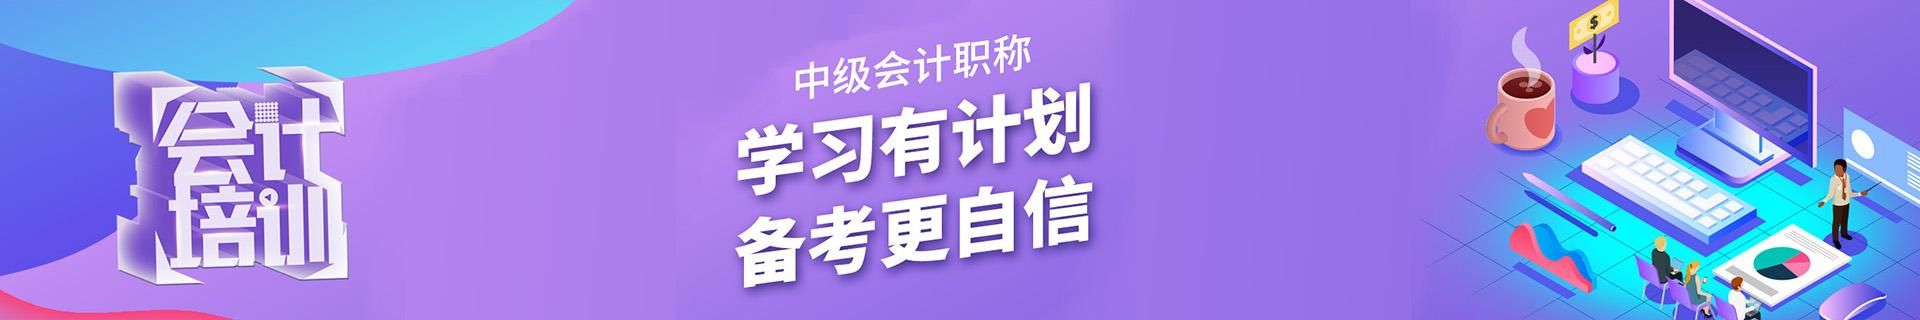 吉林长春优路教育培训学校